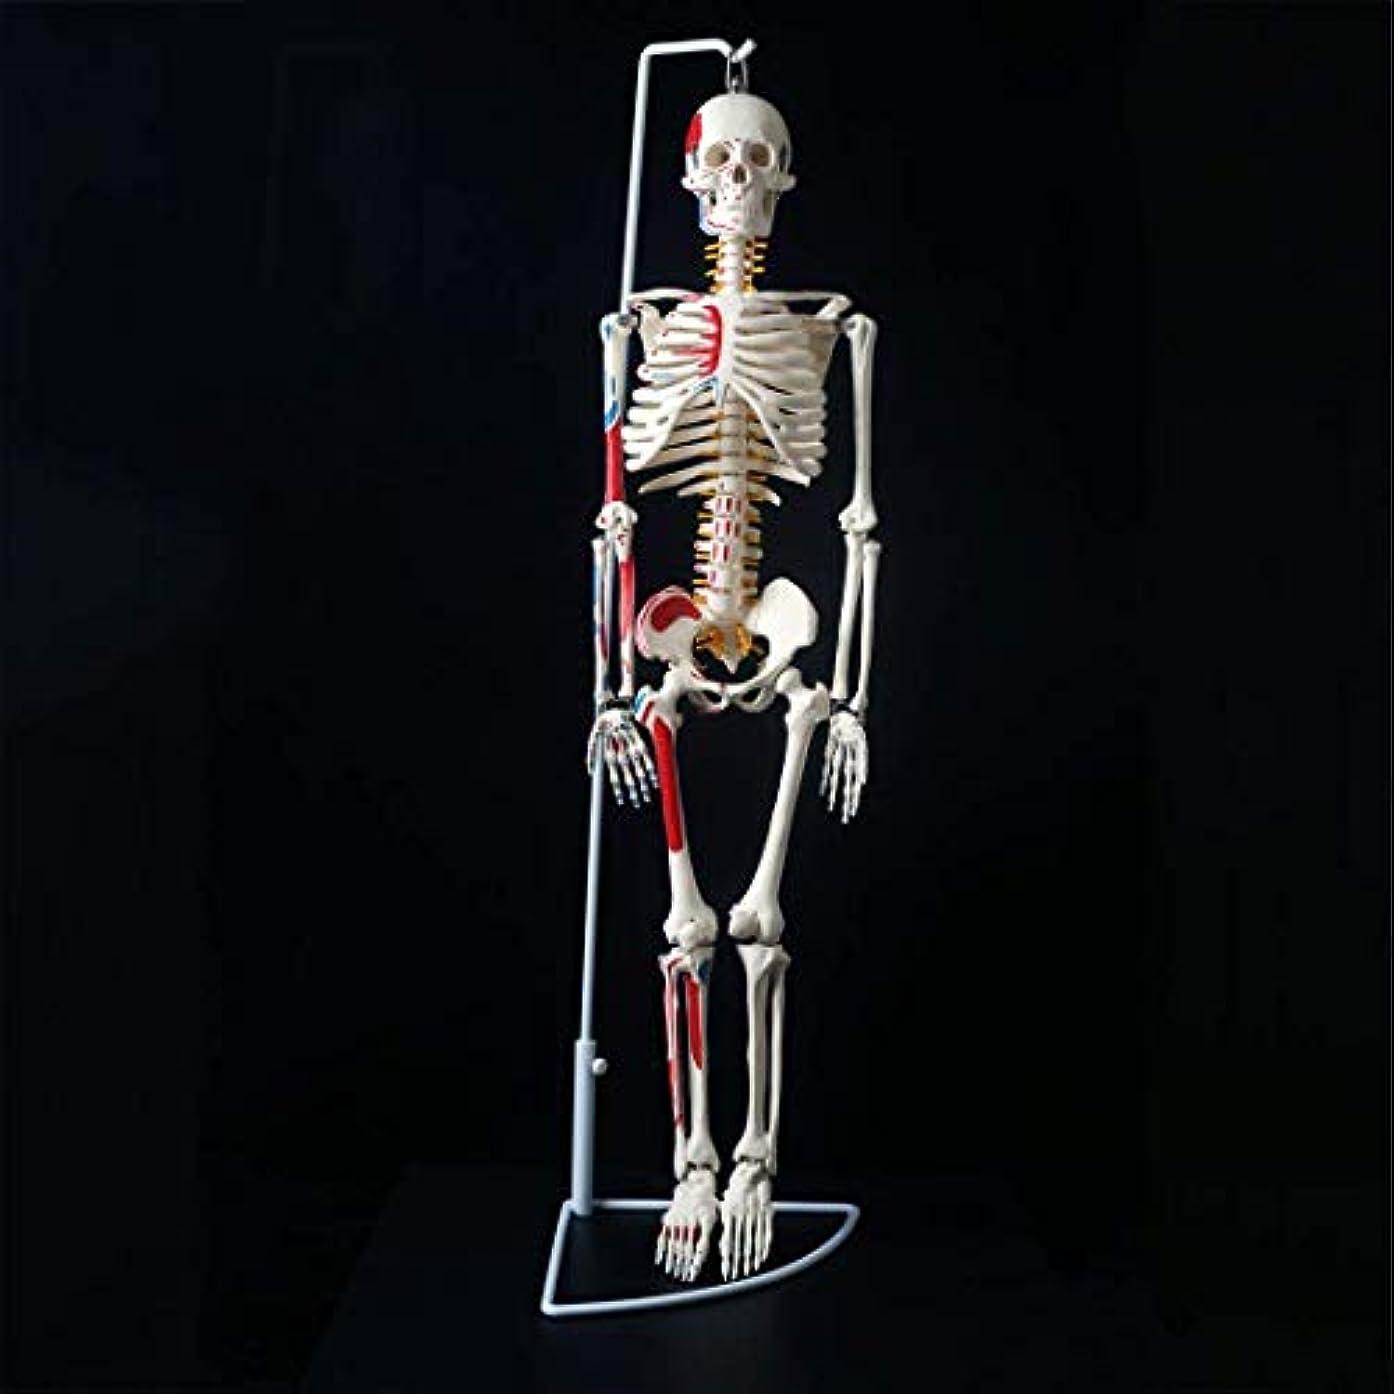 ゲスト集中的な実用的教育モデル人体スケルトンモデル、子供学習のための人体スケルトンモデル、85センチの脊髄神経1筋肉の始点と終点